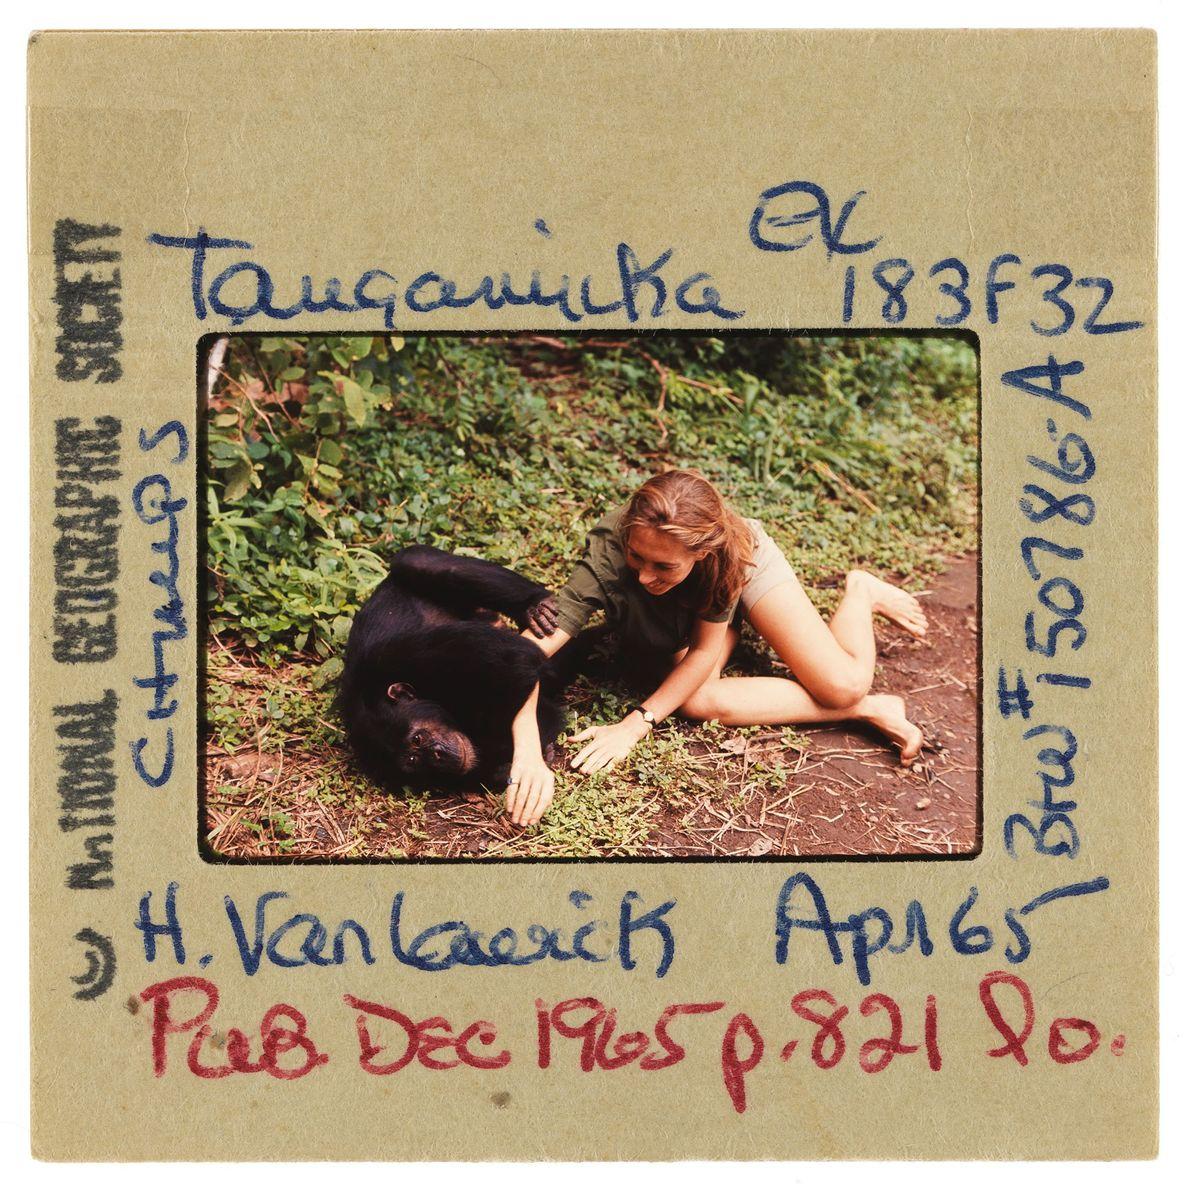 Jane et un chimpanzé jouent ensemble sur le sol.